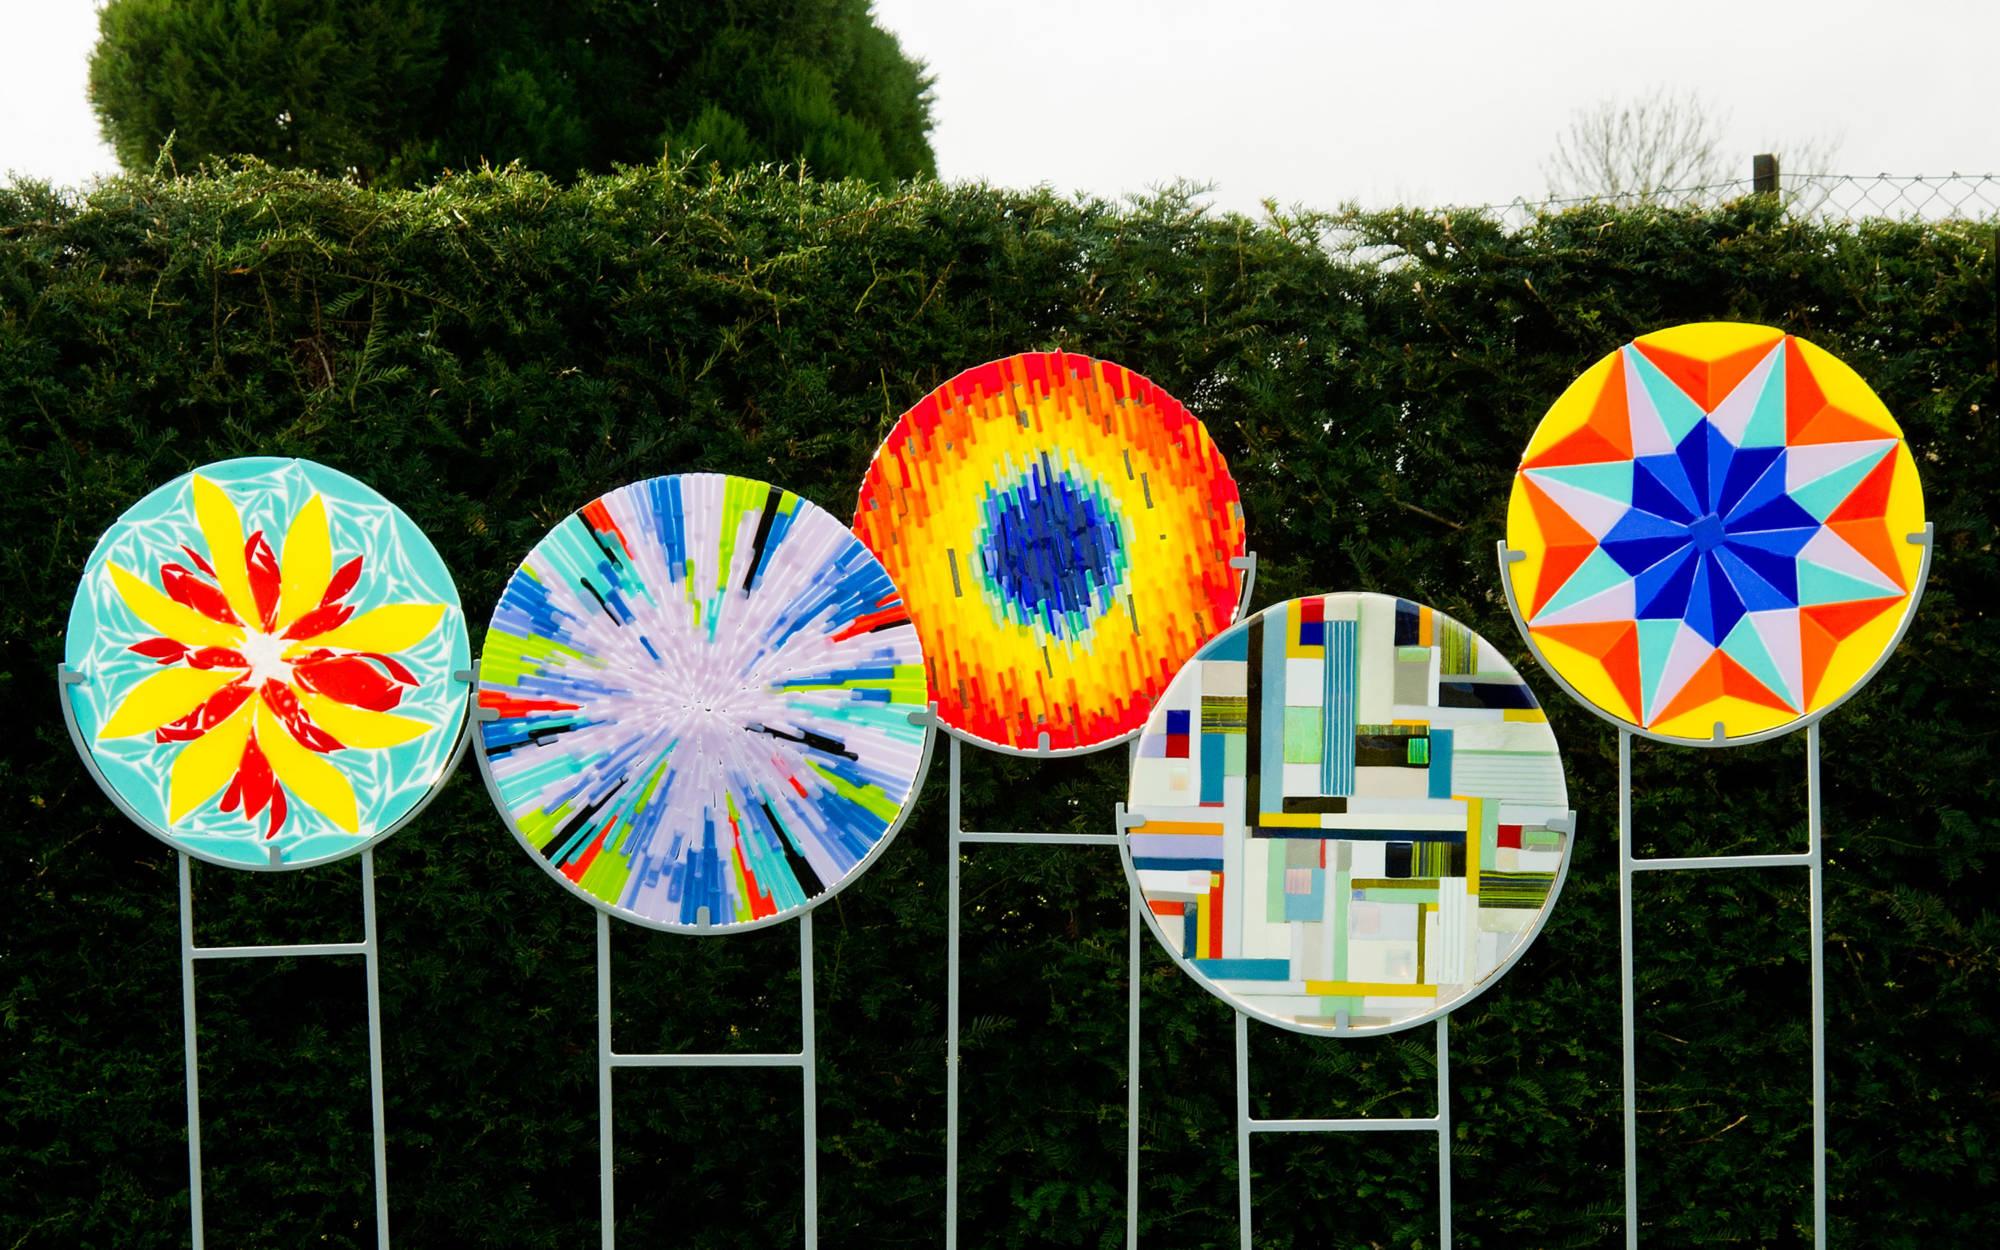 Lollipops by Askett Studio glass artists